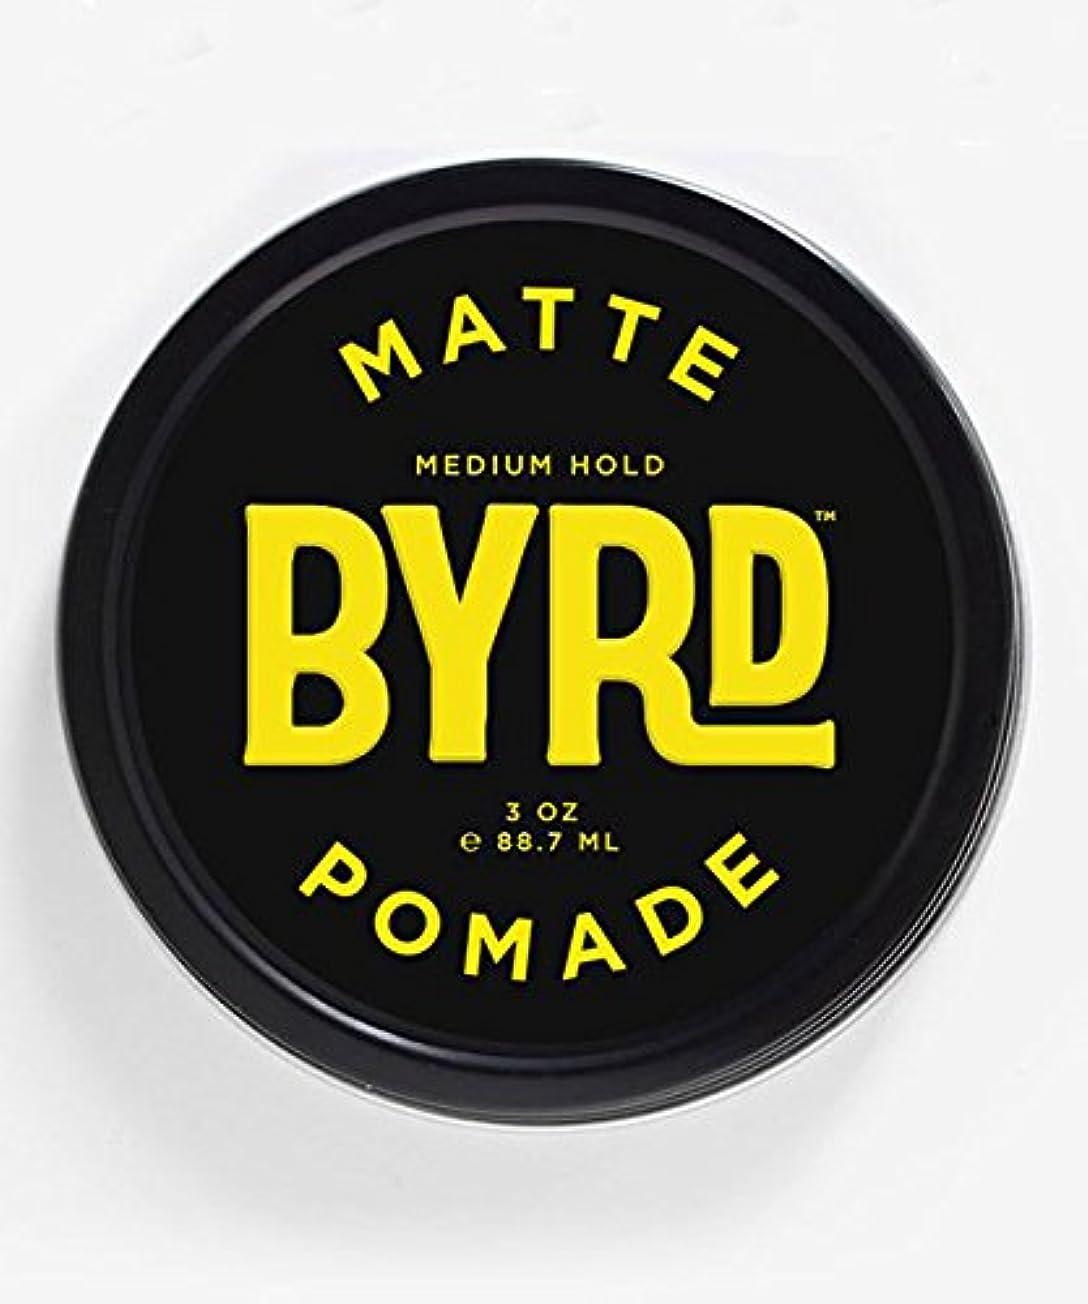 頂点召喚する狂ったBYRD(バード) マットポマード 85g